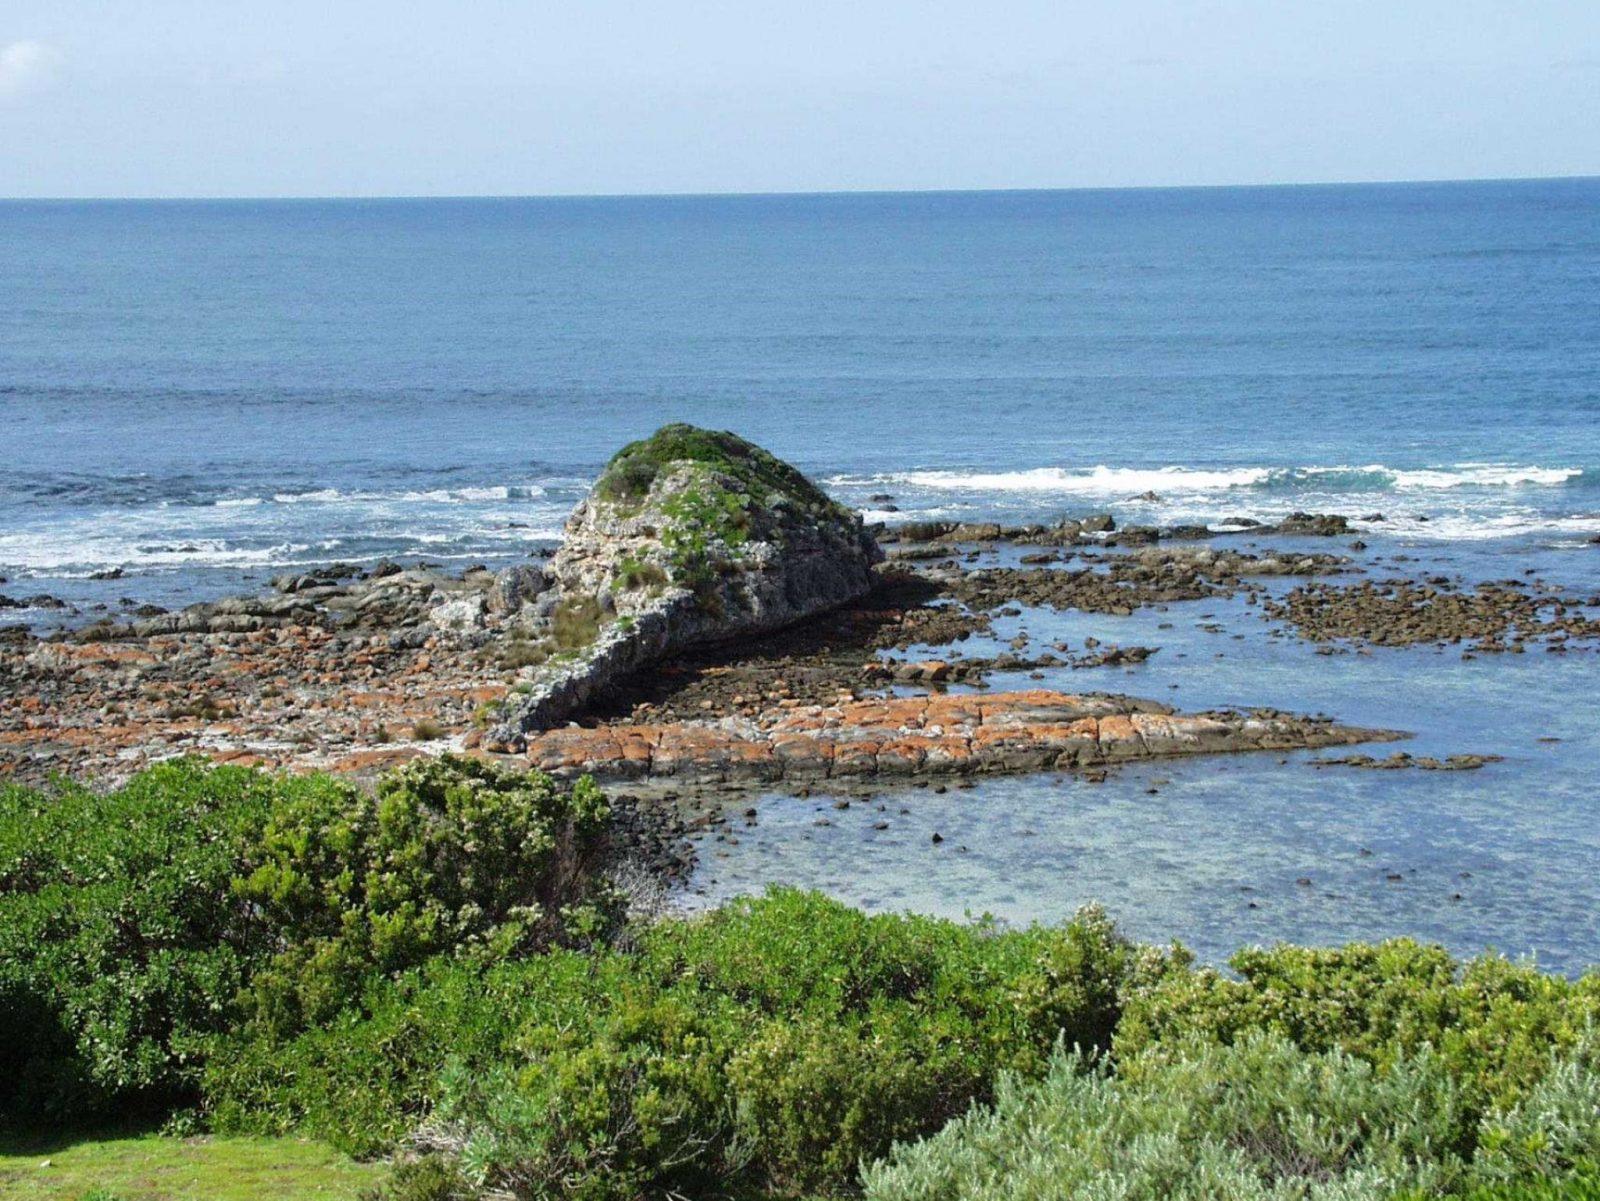 Cape Gantheaume Conservation Park